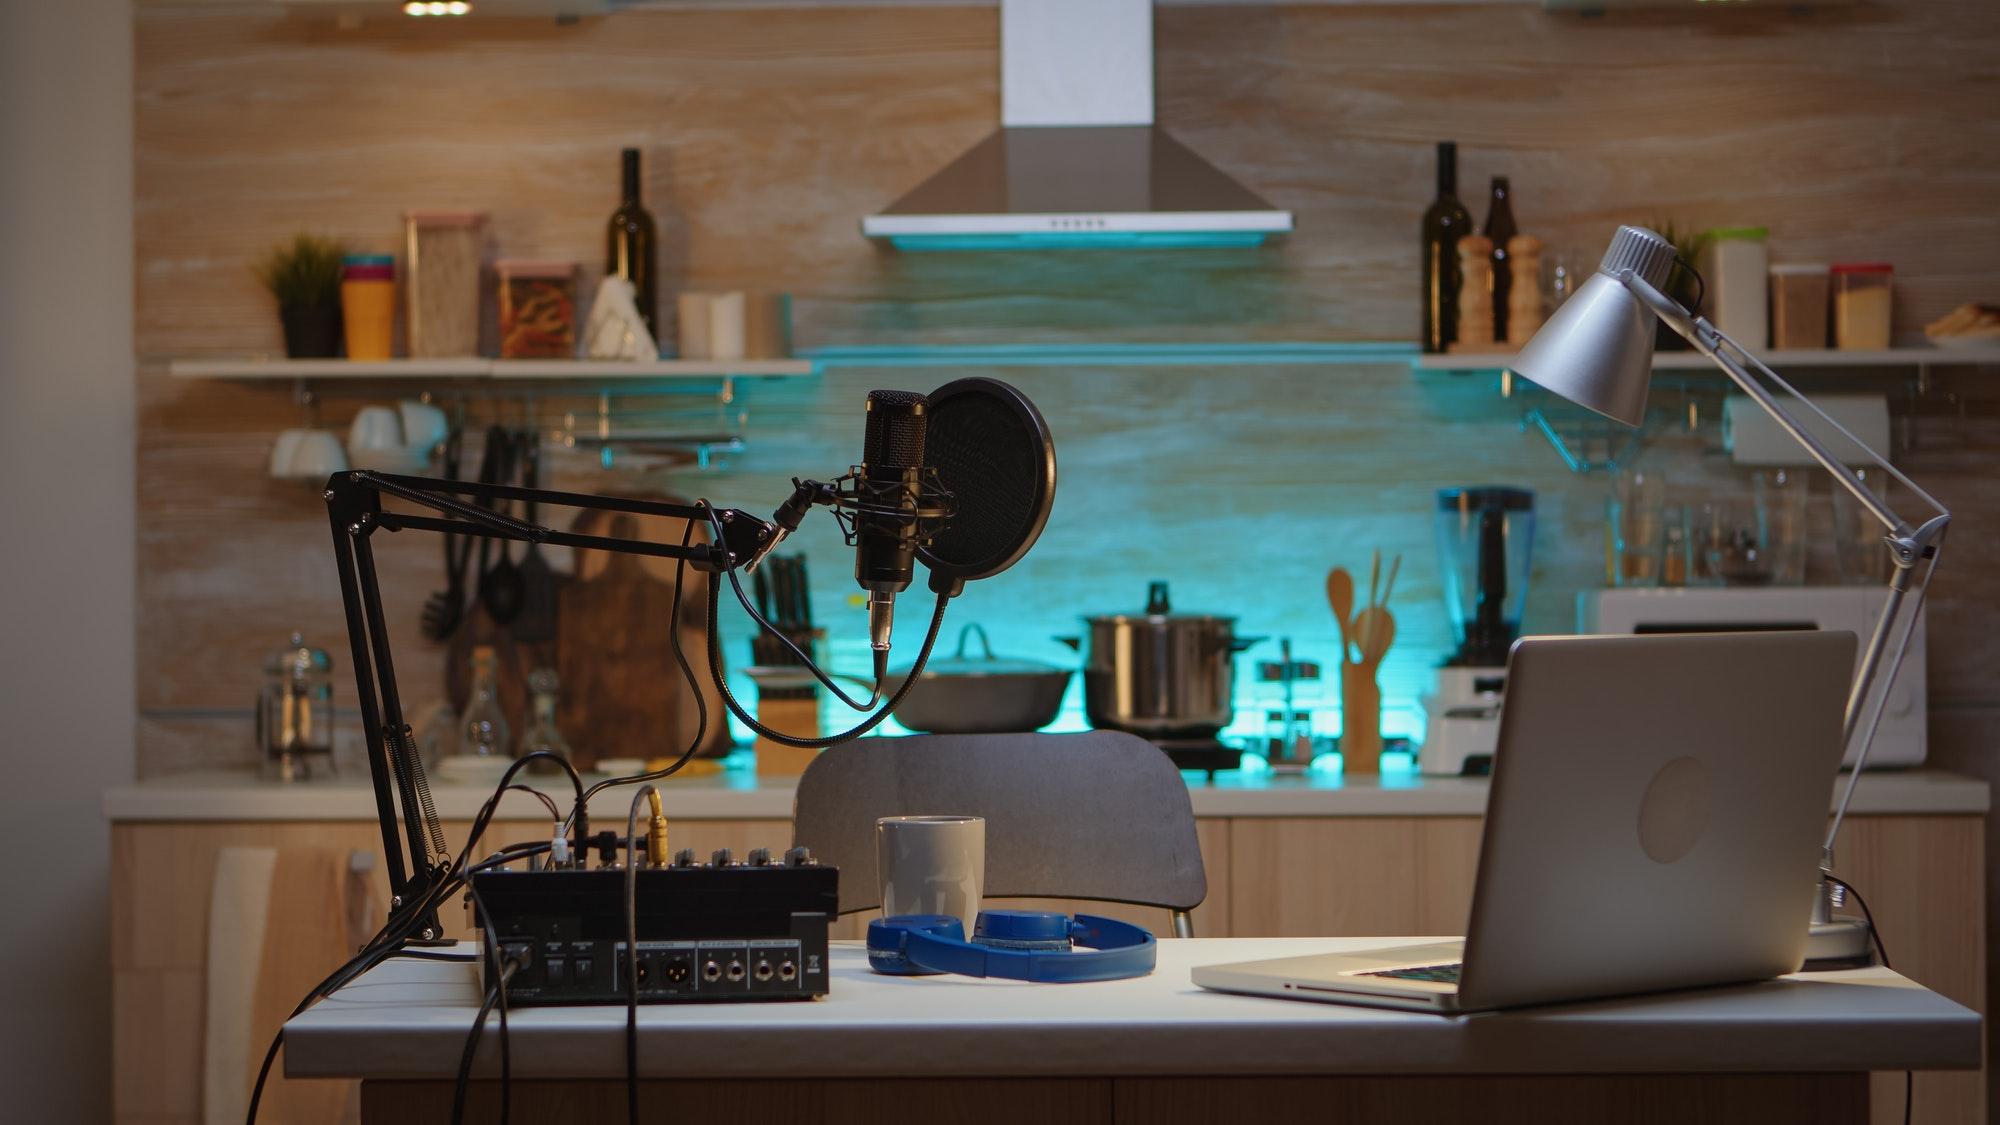 Podcast home studio